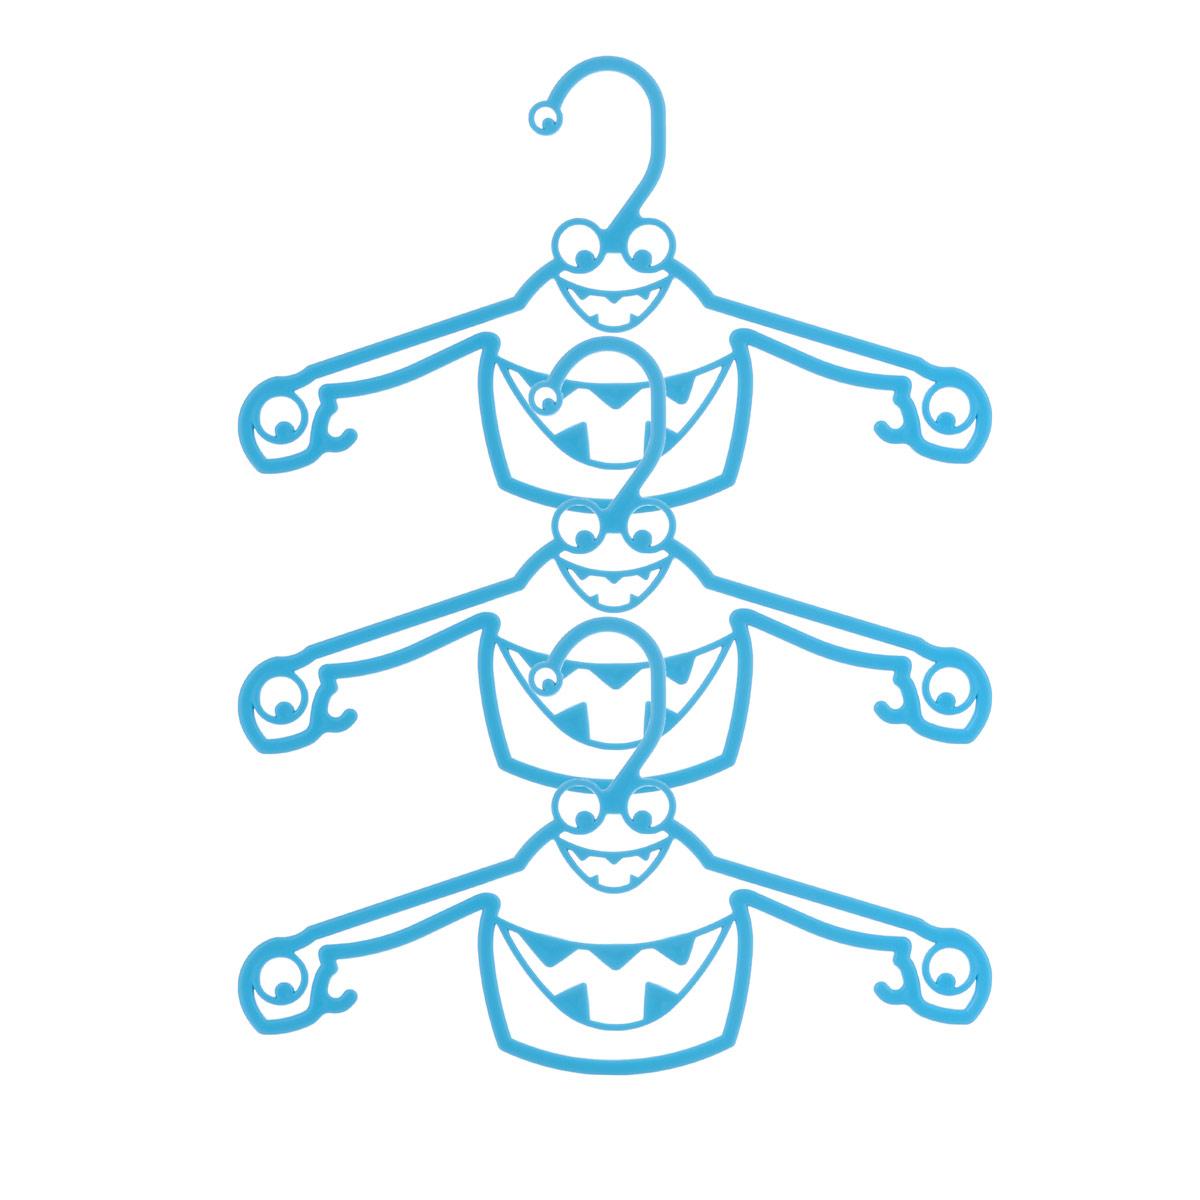 Набор вешалок Пластишка, с крючками, цвет: бирюзовый, 3 штС13024_бирюзаНабор Пластишка, изготовленный из прочного полипропилена, состоит из 3 детских вешалок для одежды с закругленными плечиками. Изделия оснащены крючками. Вешалка - это незаменимая вещь для того, чтобы ваша одежда всегда оставалась в хорошем состоянии.Комплектация: 3 шт.